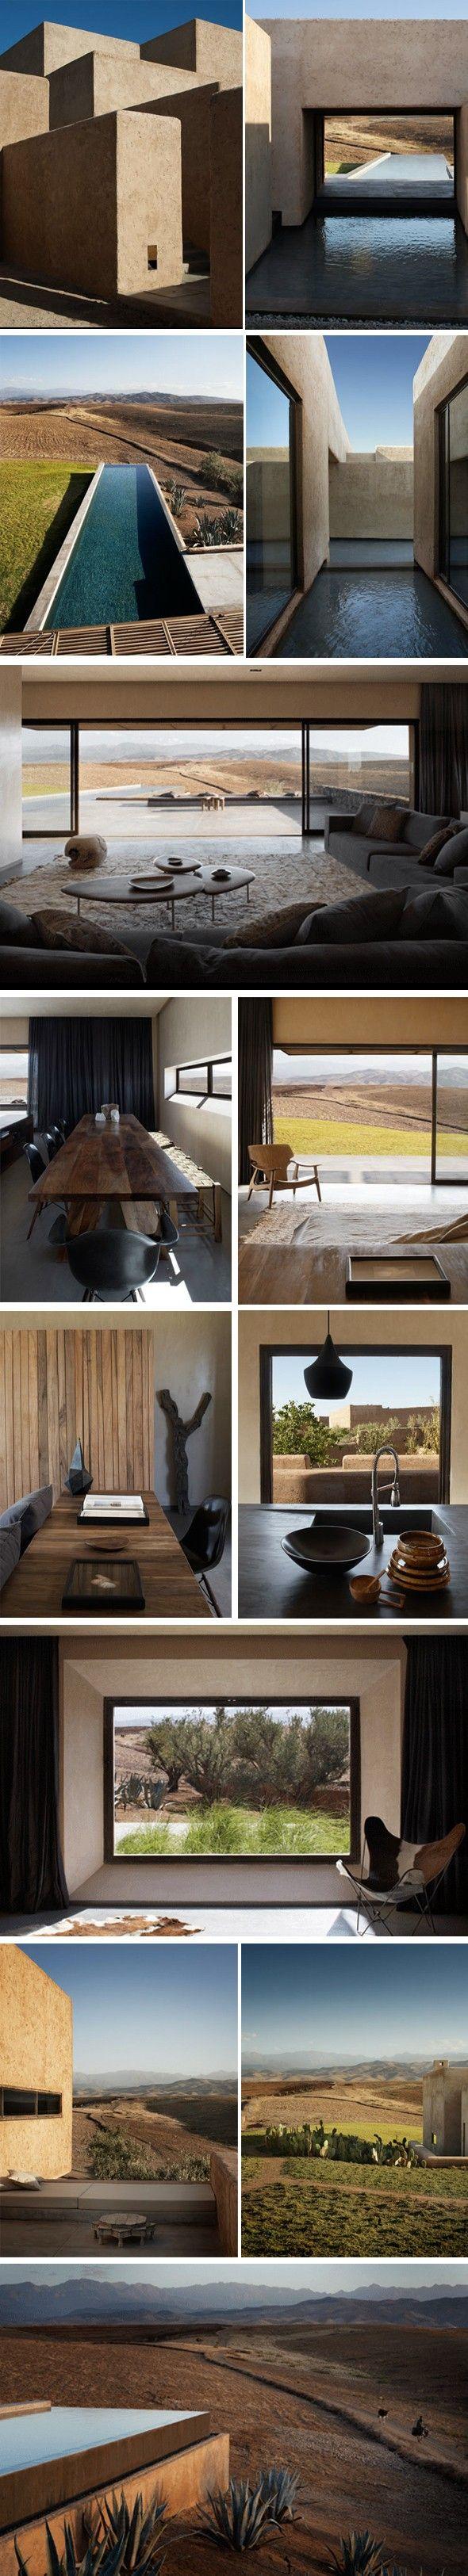 Maison contemporaine au Maroc